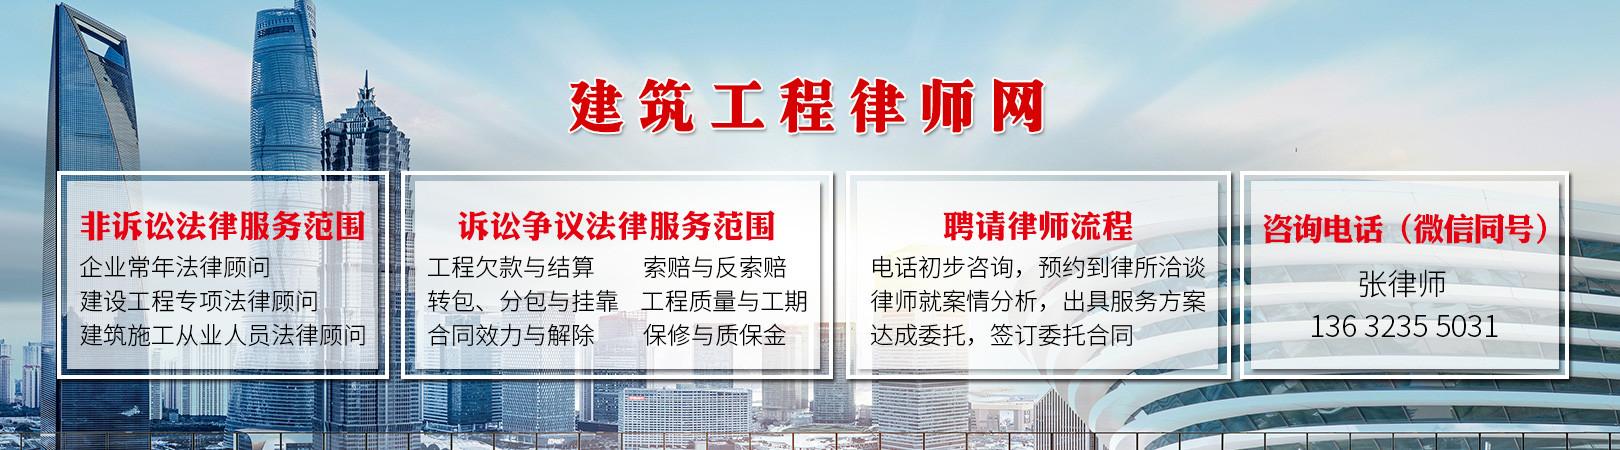 广州装饰装修合同律师